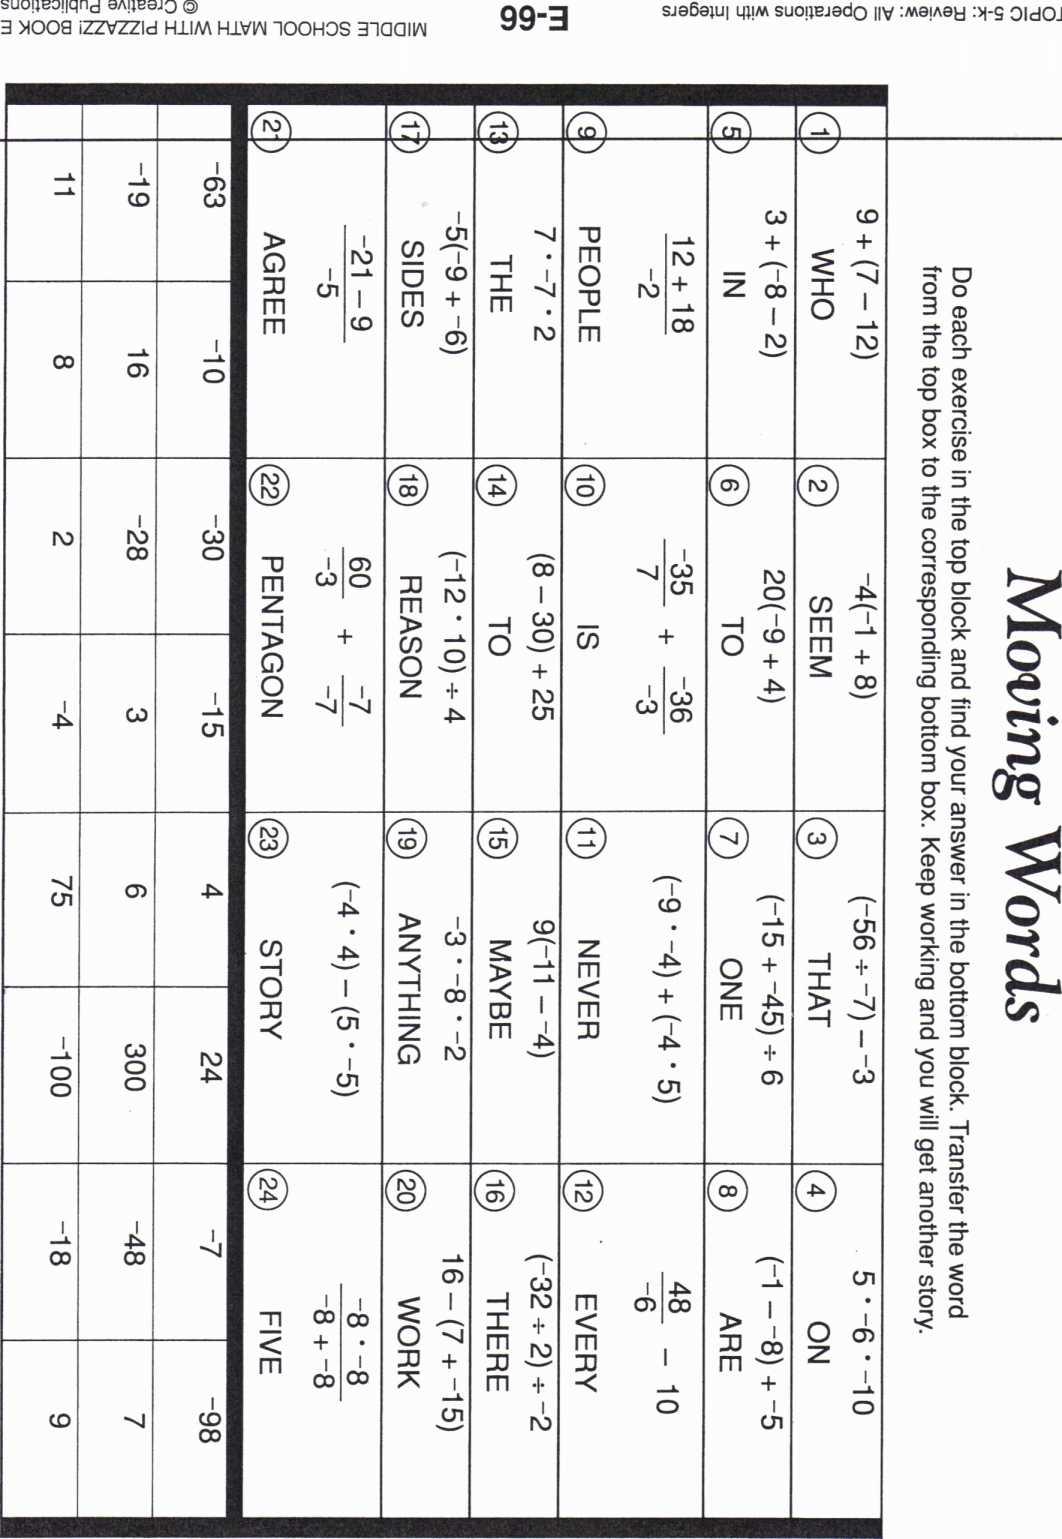 Math Spreadsheet Throughout Moving Words Math Worksheet